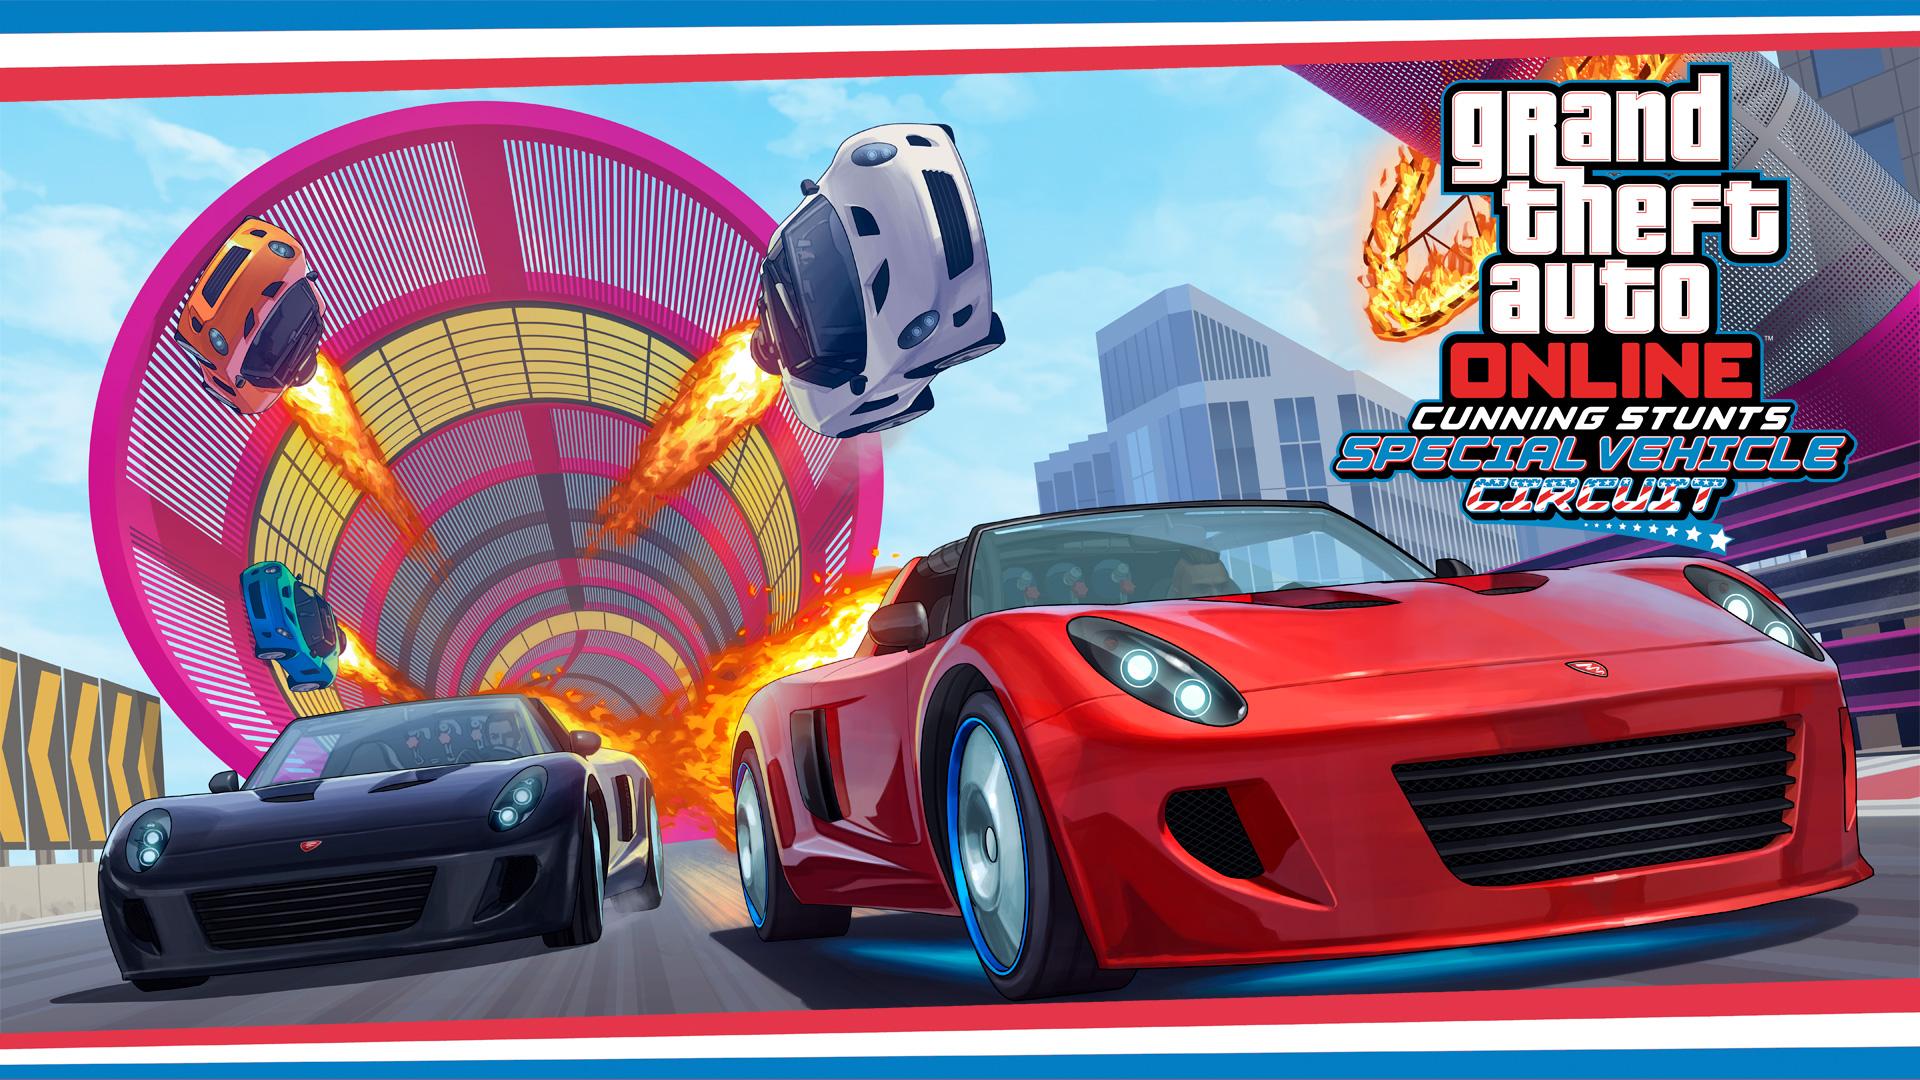 Игра играть онлайн бесплатно гонки gta 5 гонки онлайн для 7 лет